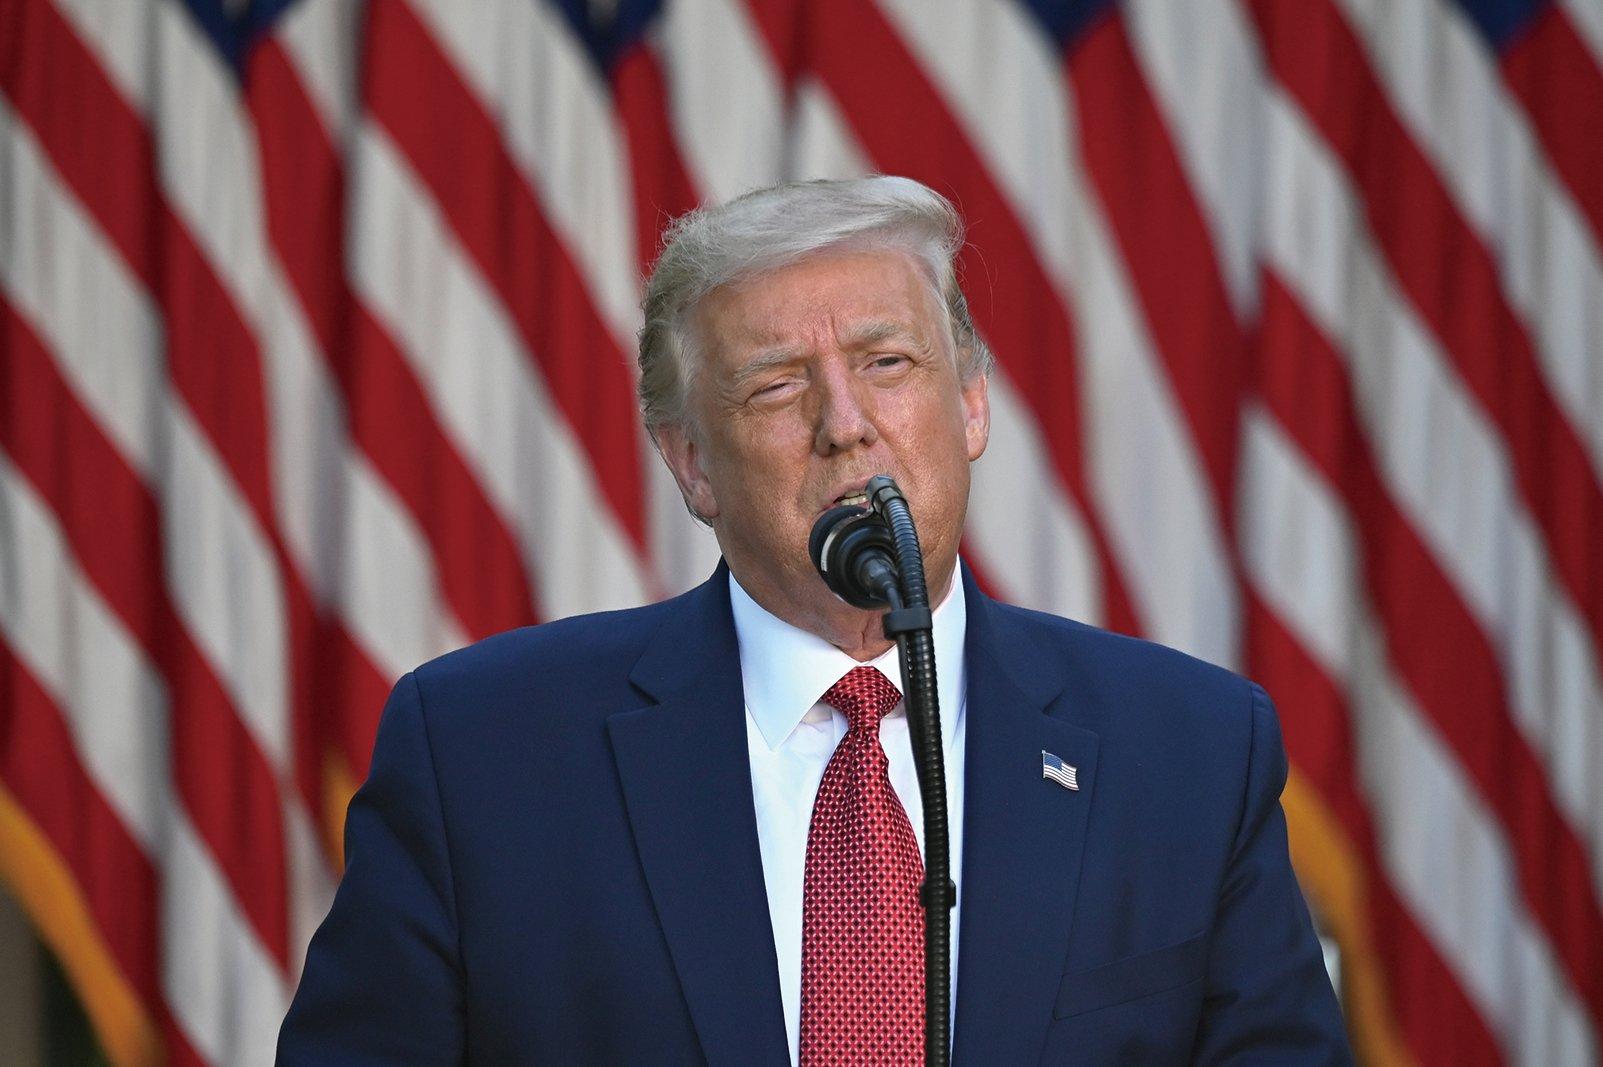 美國總統特朗普7月14日下午5點半在白宮玫瑰園舉行跟中國相關的主題新聞會。(AFP)